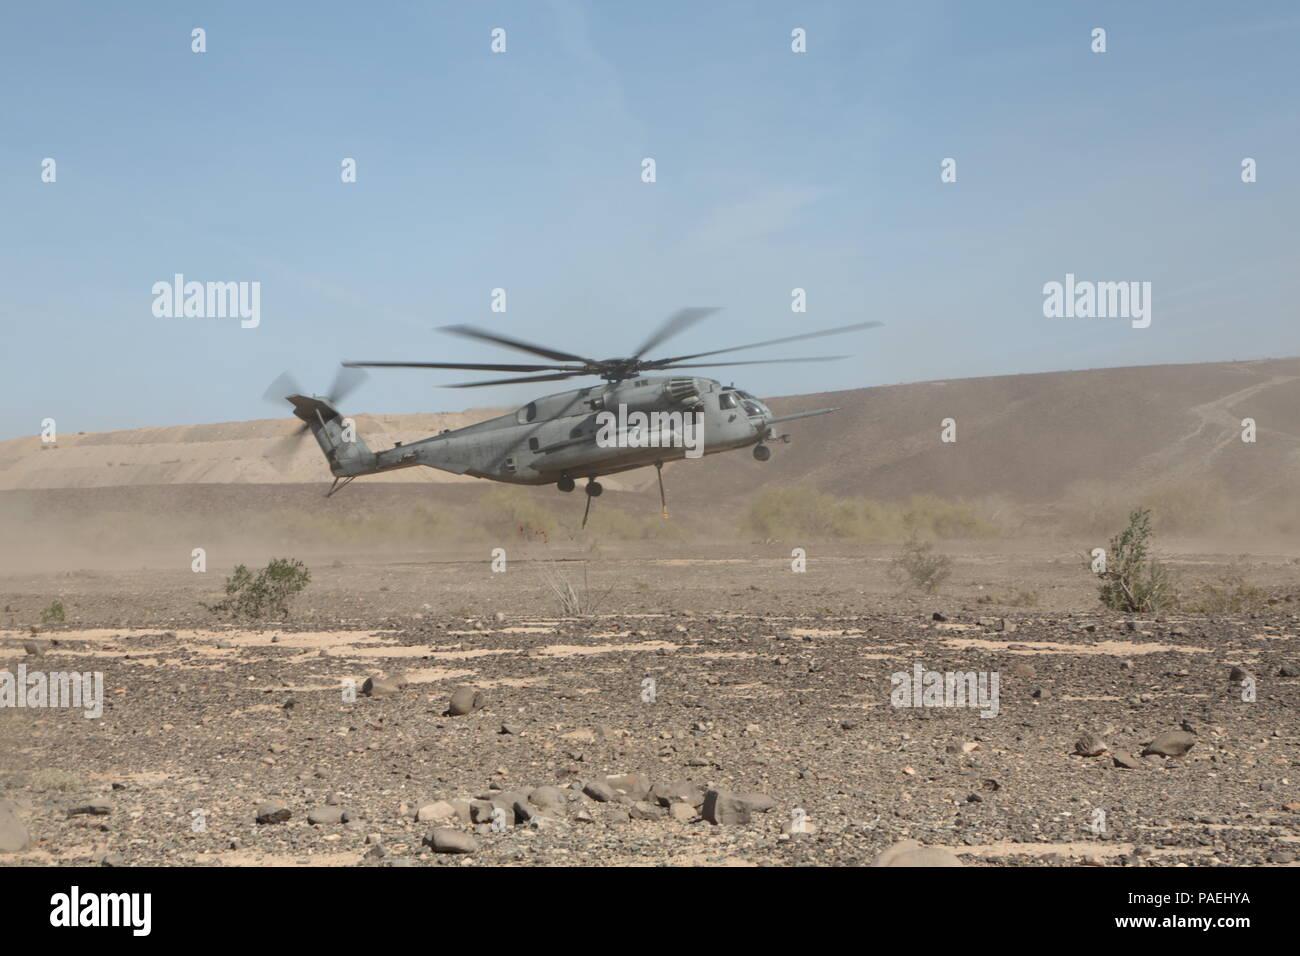 Ein CH-53E Super Stallion Hubschrauber der Marine schweren Helikopter Squadron (HMH) 361, Marine Aircraft Group (MAG) 16, 3d-Marine Air Wing (MAW), startet in Vorbereitung einer externen anheben, wo eine 8.500 Pfund Gewicht bei einem Hubschrauber Support Team (HST) Ausbildung bei Landing Zone (LZ) Stier, Chocolate Mountain Aerial Gunnery Range, Calif., März, 15, 2016 Der Hubschrauber angebracht werden soll zu üben. Die HST-Schulung wurde durchgeführt, Fertigkeiten und logistische Aufgaben zu erhöhen die Fähigkeit, möglichen Fälle Missionen auszuführen, zu verbessern. (U.S. Marine Corps Foto von Pfc-Nadia J. Stark) Stockbild